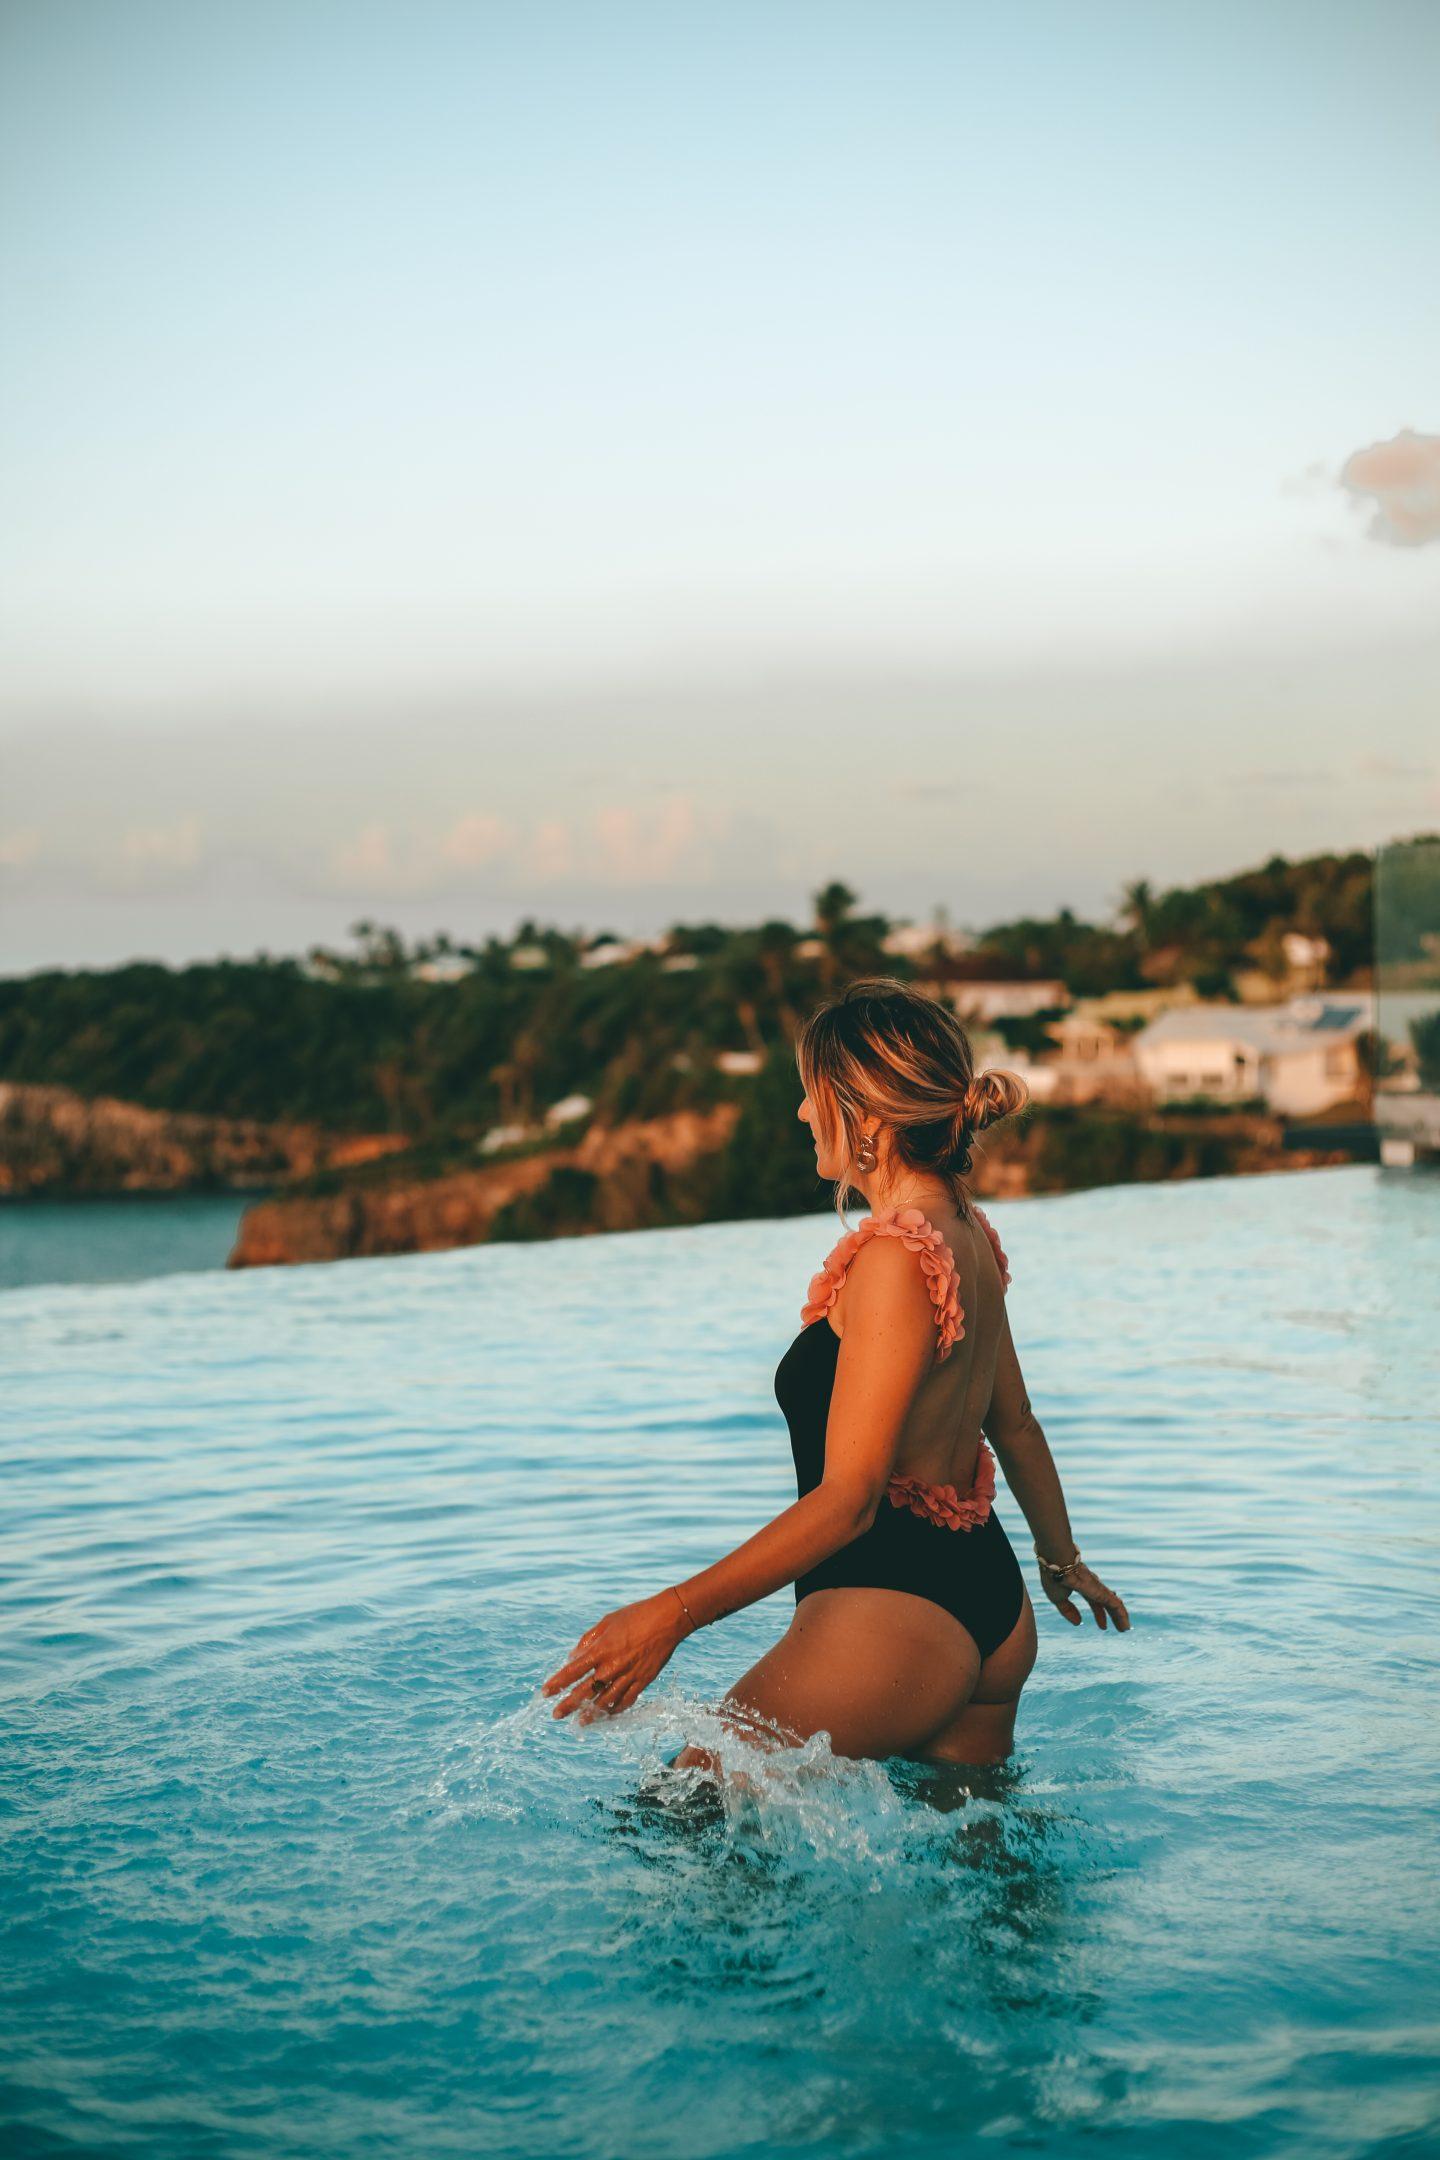 Maillot La Revêche - Blondie Baby blog voyage et mode